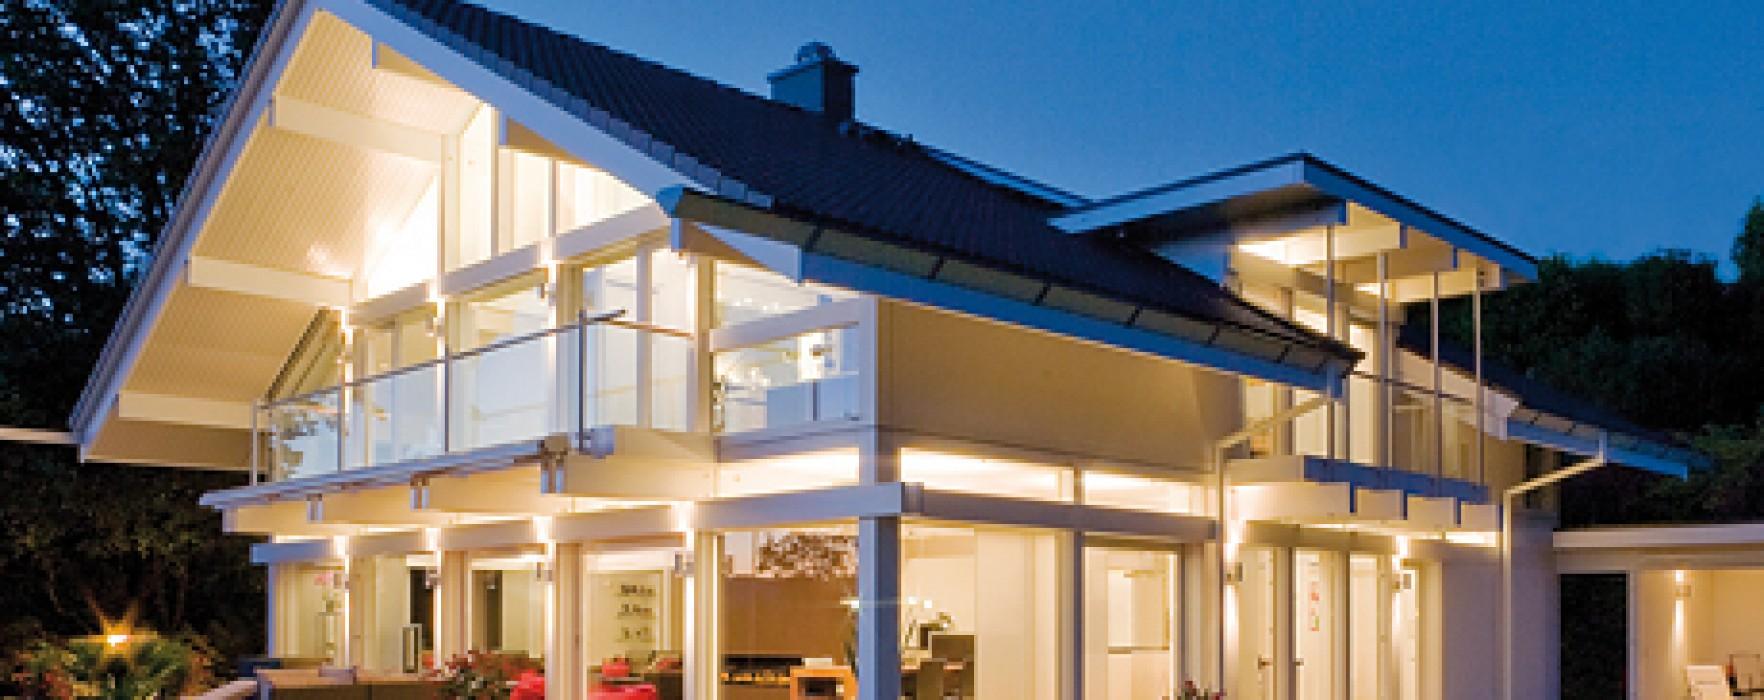 Gasbeton vs case di legno for Case di legno rumene